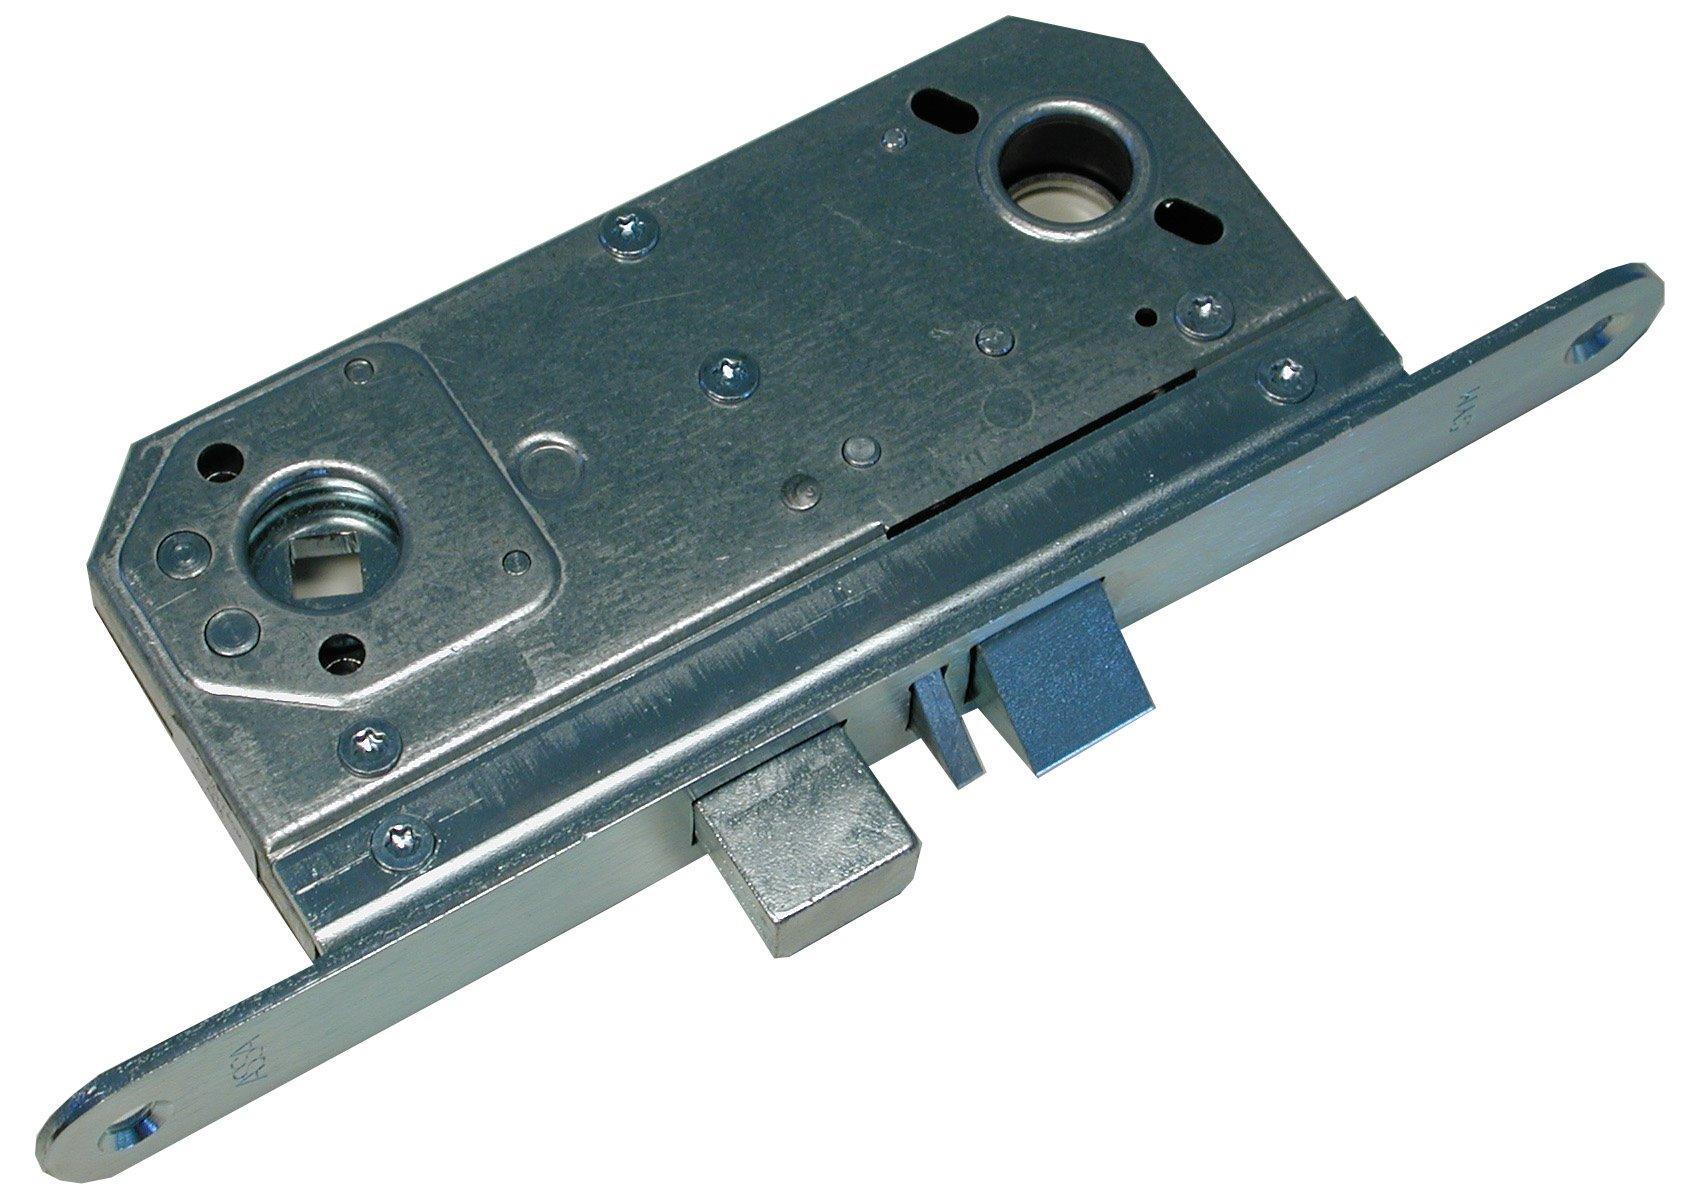 524 Sym 20 mm regelkolv förregling 50 mm